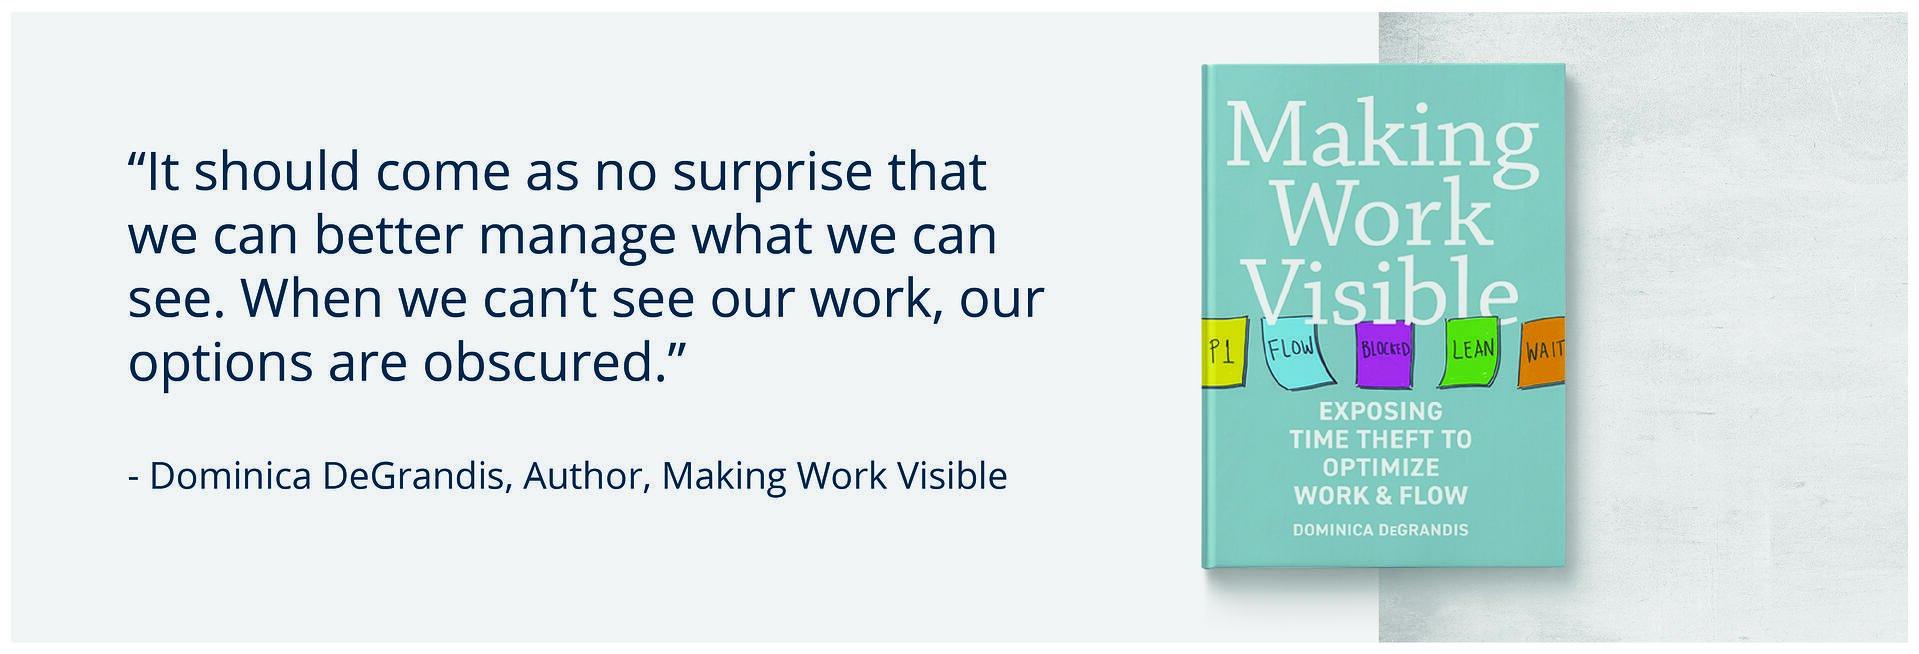 Making-Work-Visible-Workflow